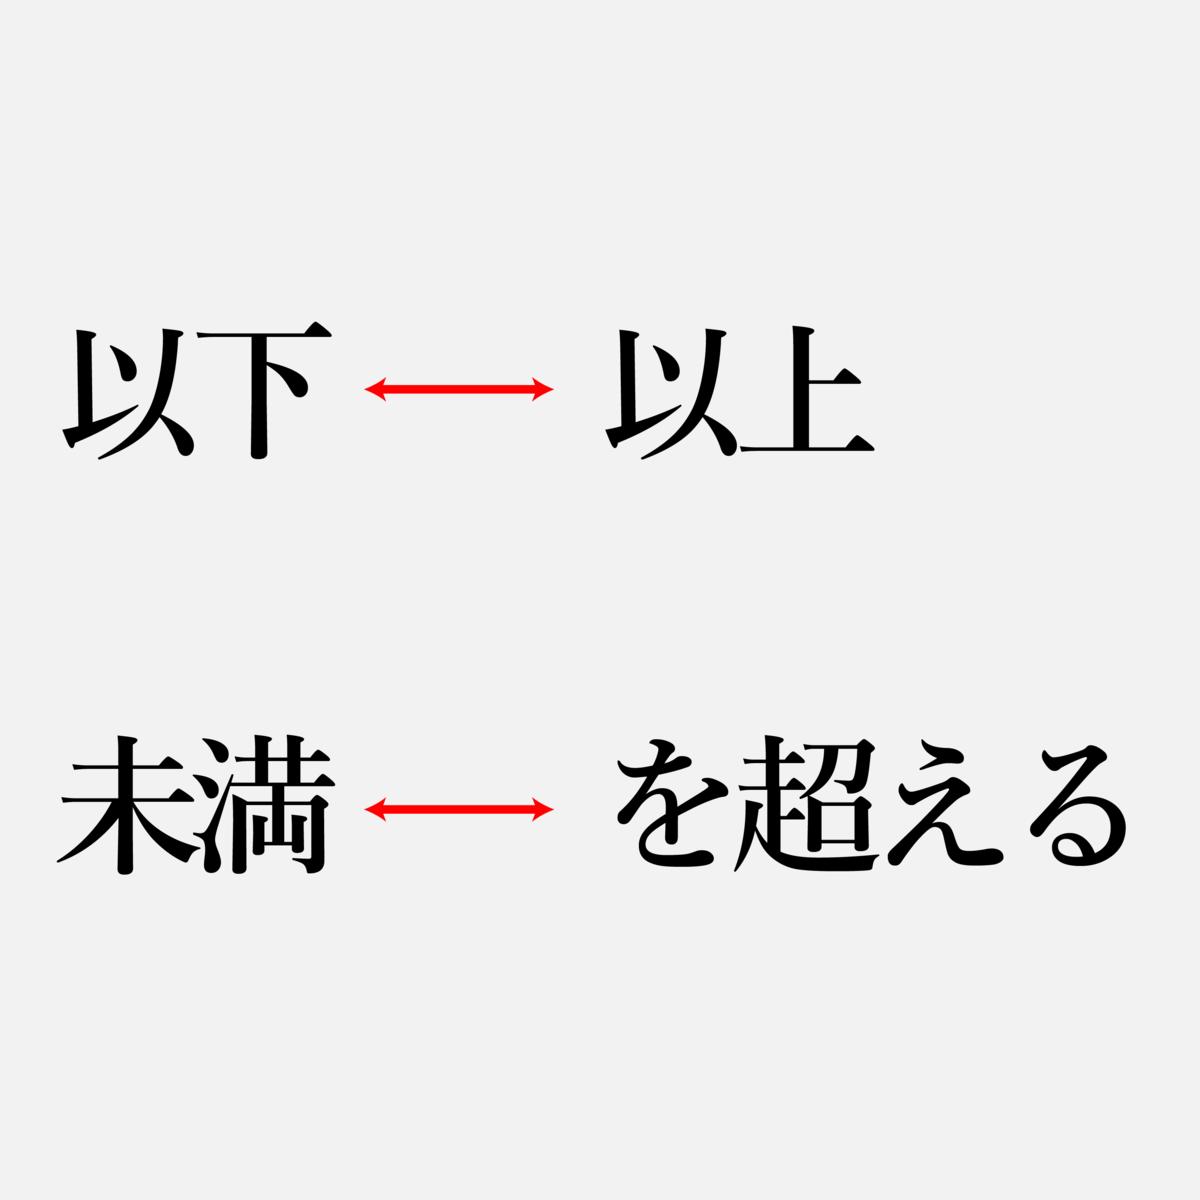 f:id:t92dam:20190621155016p:plain